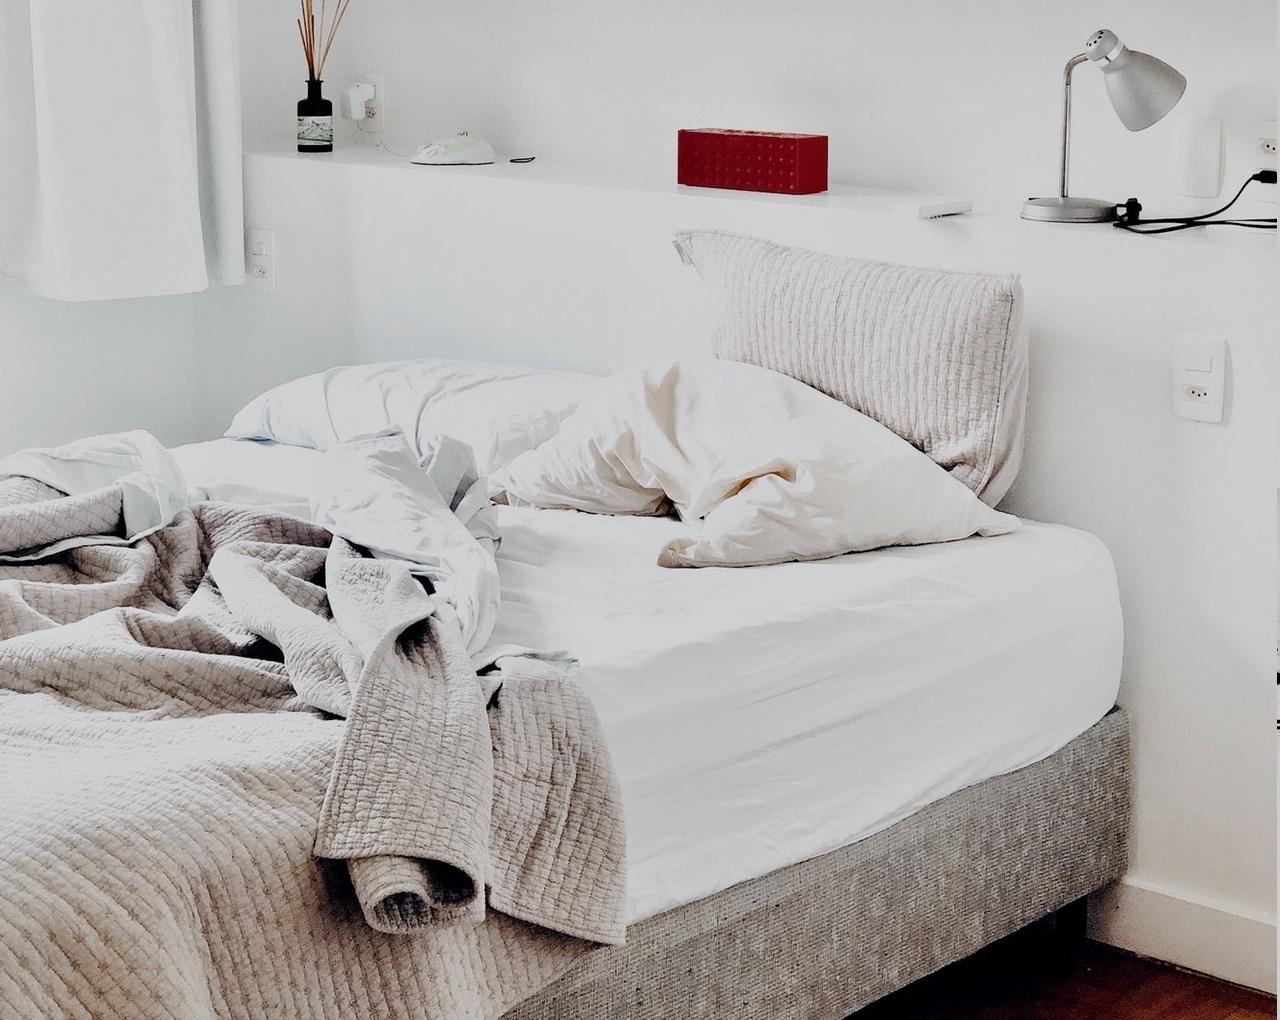 Il catalogo IKEA 2020: 12 cose che non vediamo l'ora di ordinare